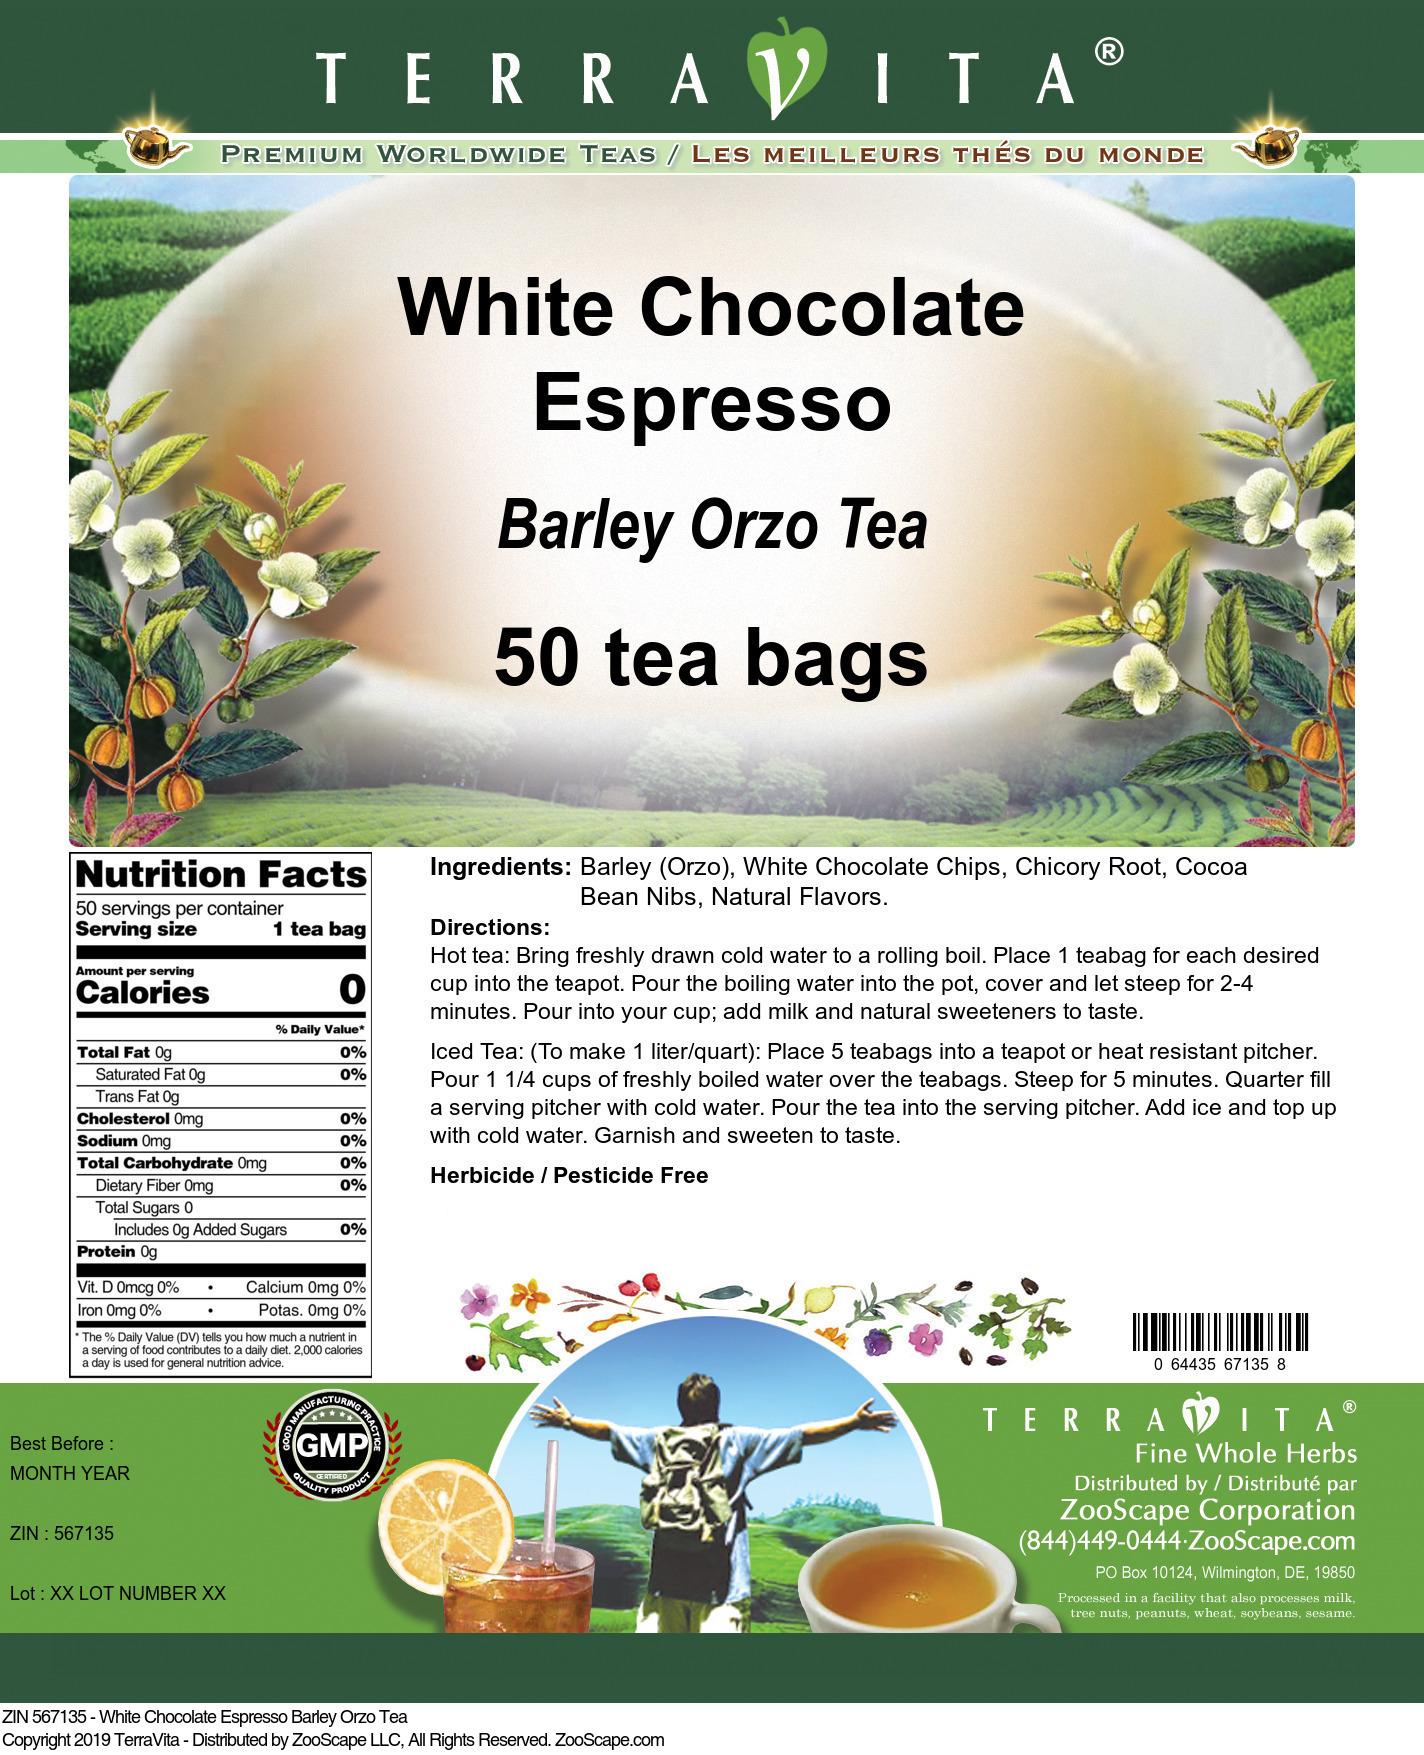 White Chocolate Espresso Barley Orzo